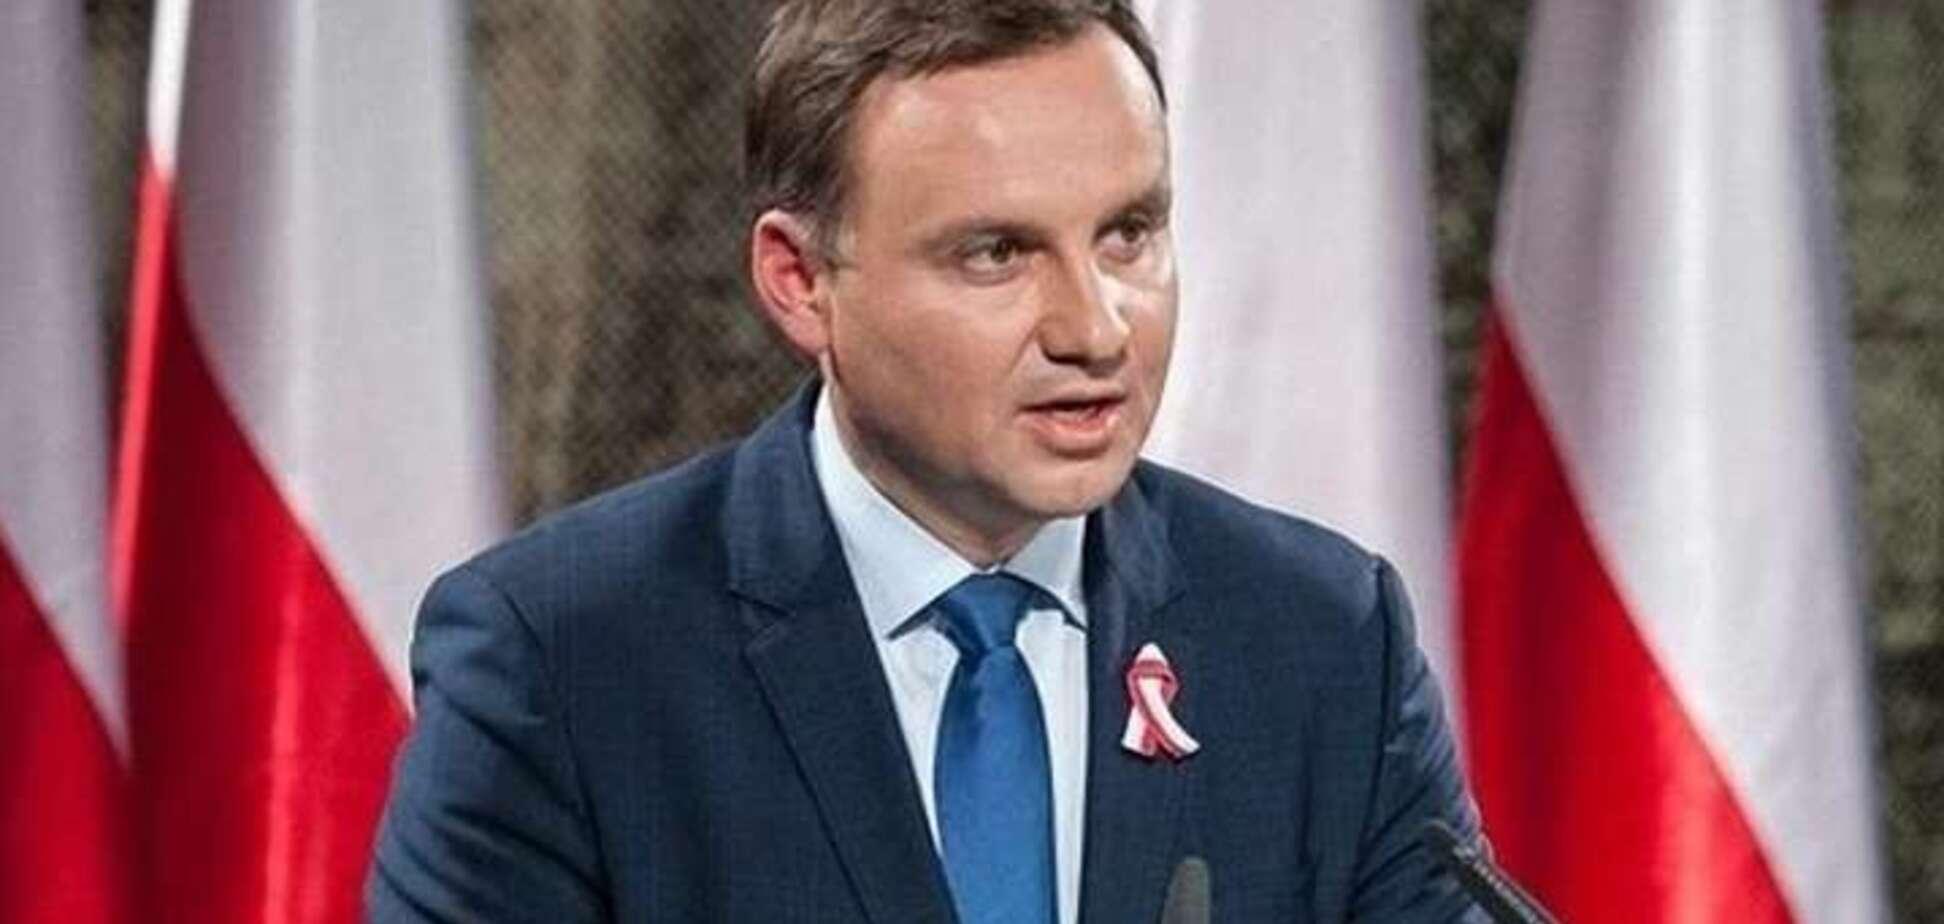 Дуда вступился за Украину из-за агрессии России